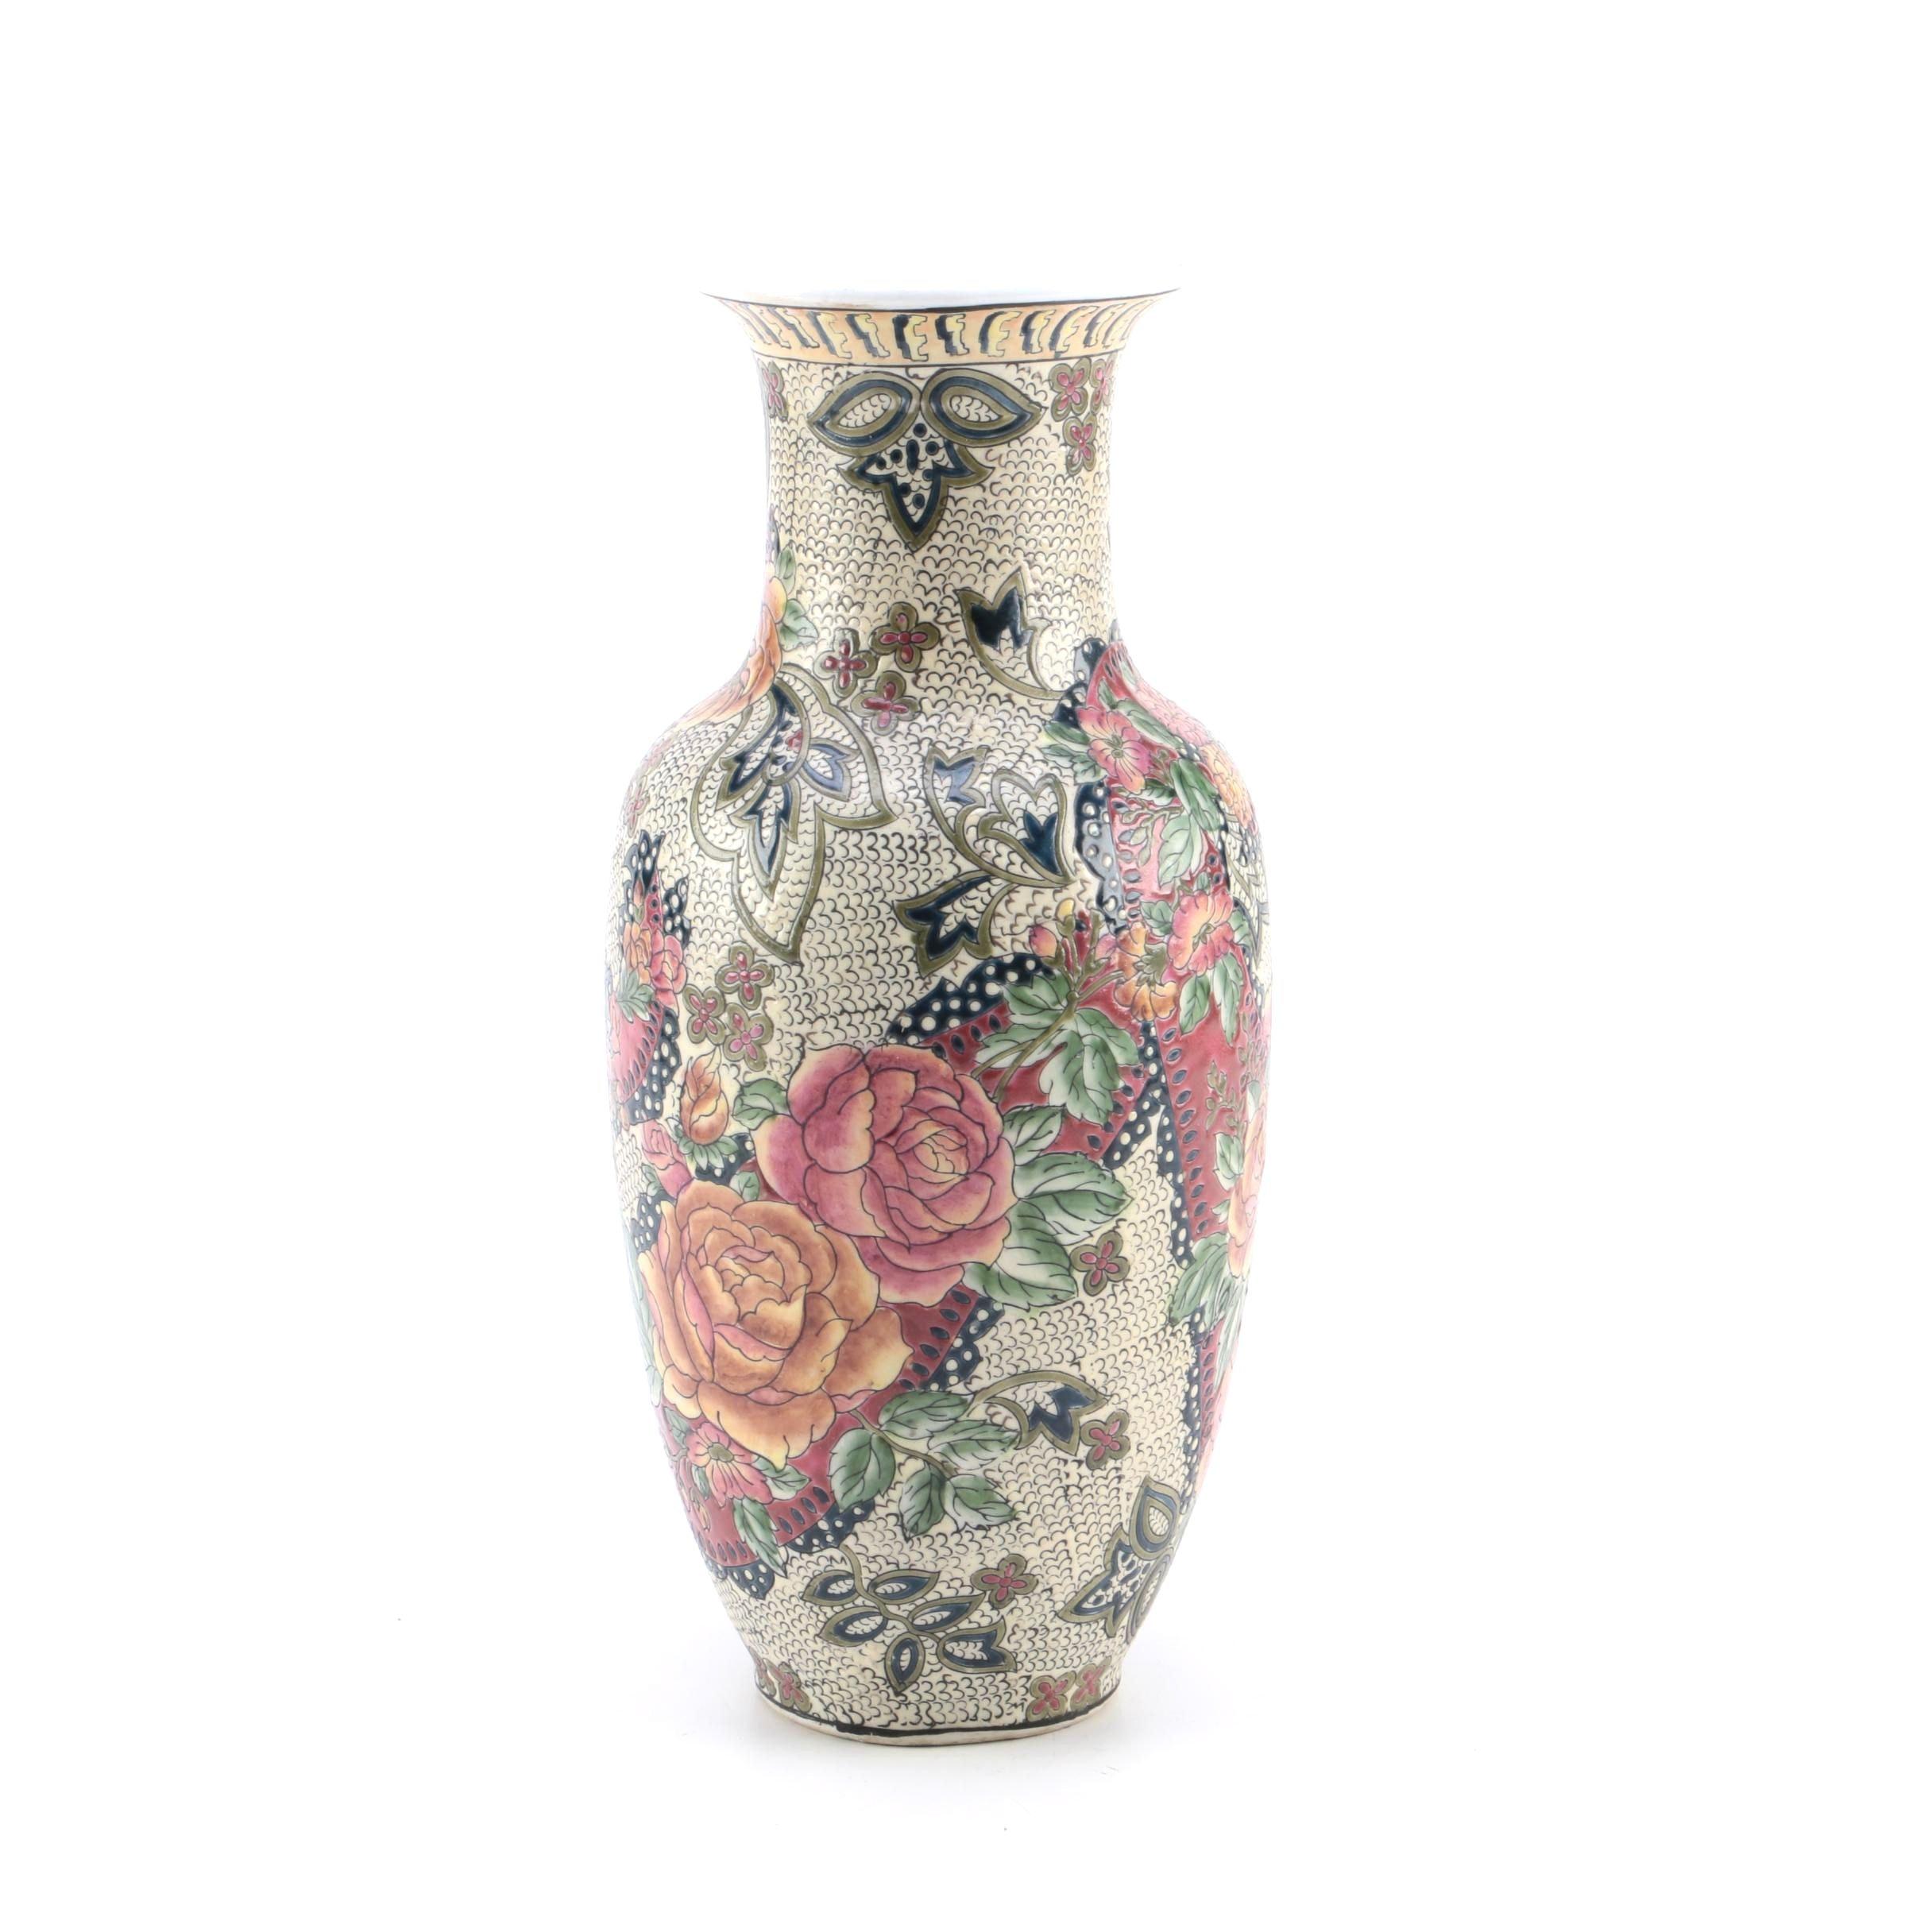 Porcelain Floral Motif Vase